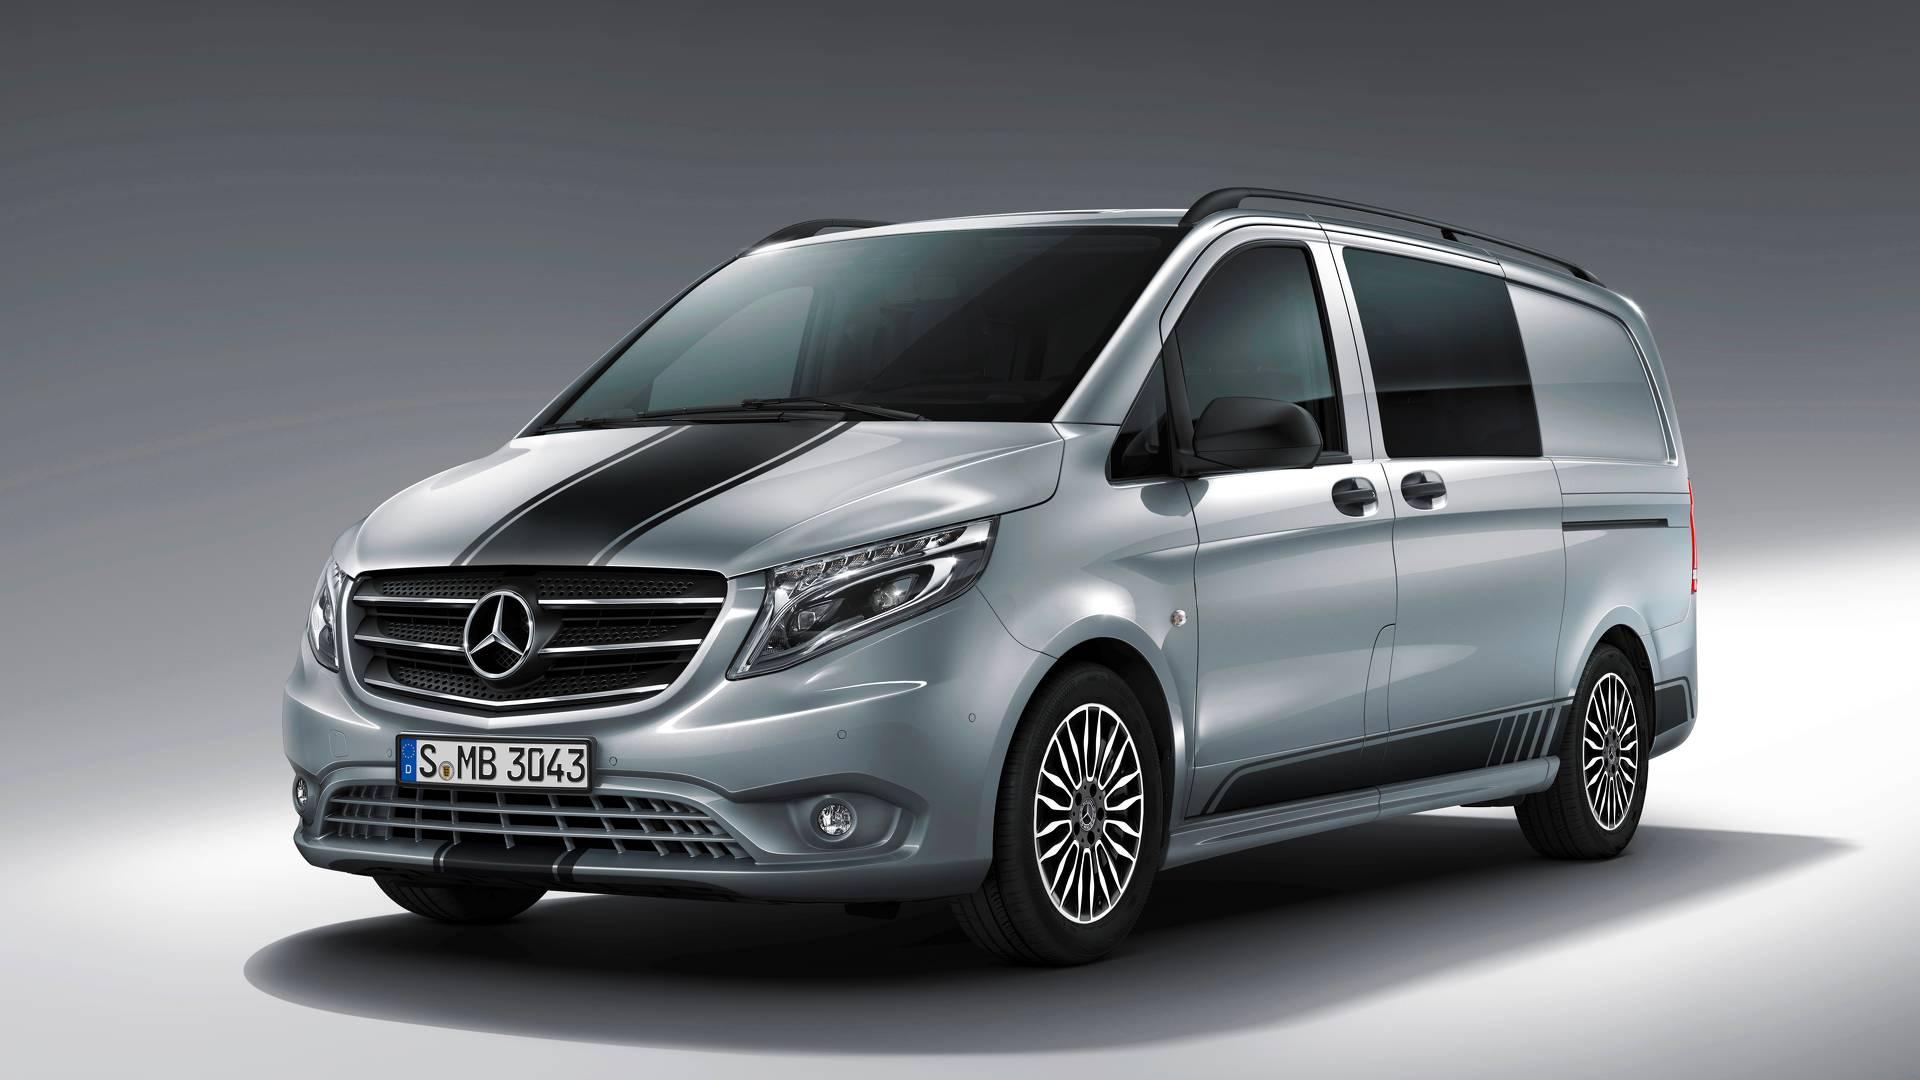 5a76b89f62c24 mercedes benz vito sport line مرسدس ویتو رونمایی شد   اجاره ماشین